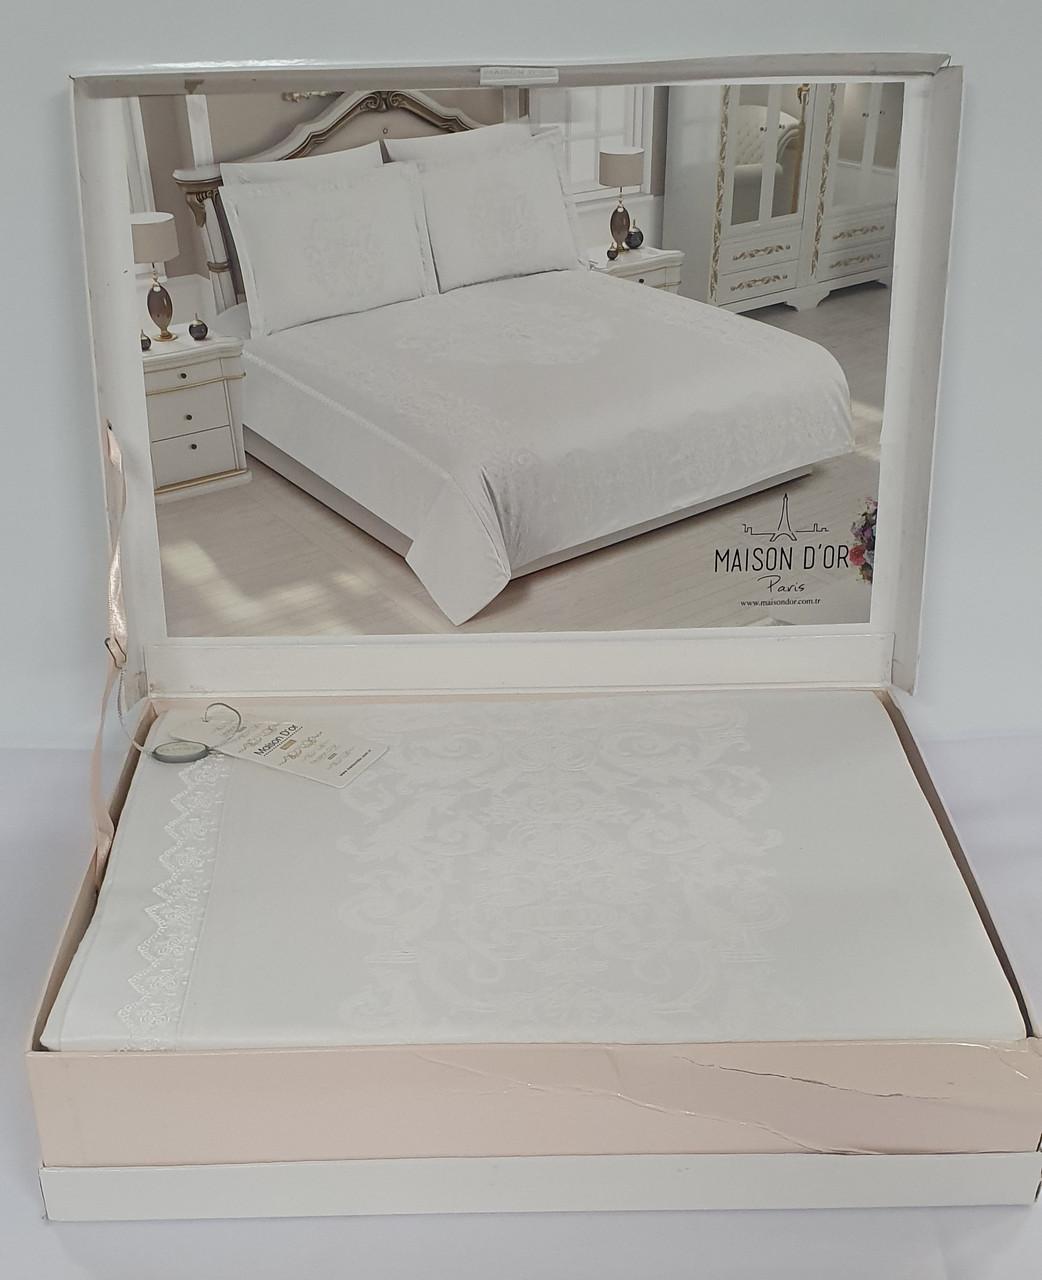 Постільна білизна Maison d'or сатин бамбук сімейний Adrienne White